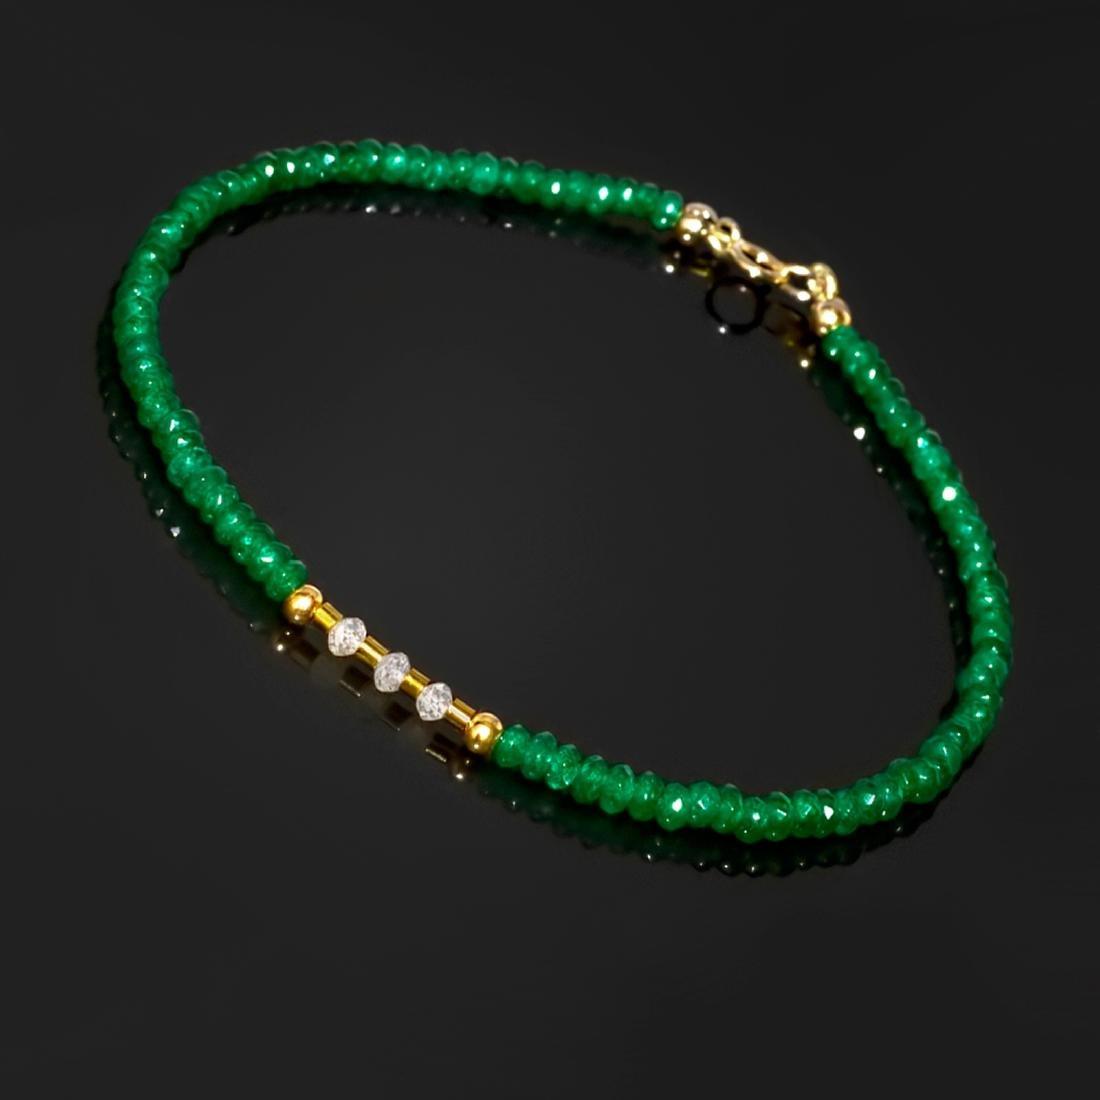 14K Retro Style Precious Jadeite Jade bracelet with - 3